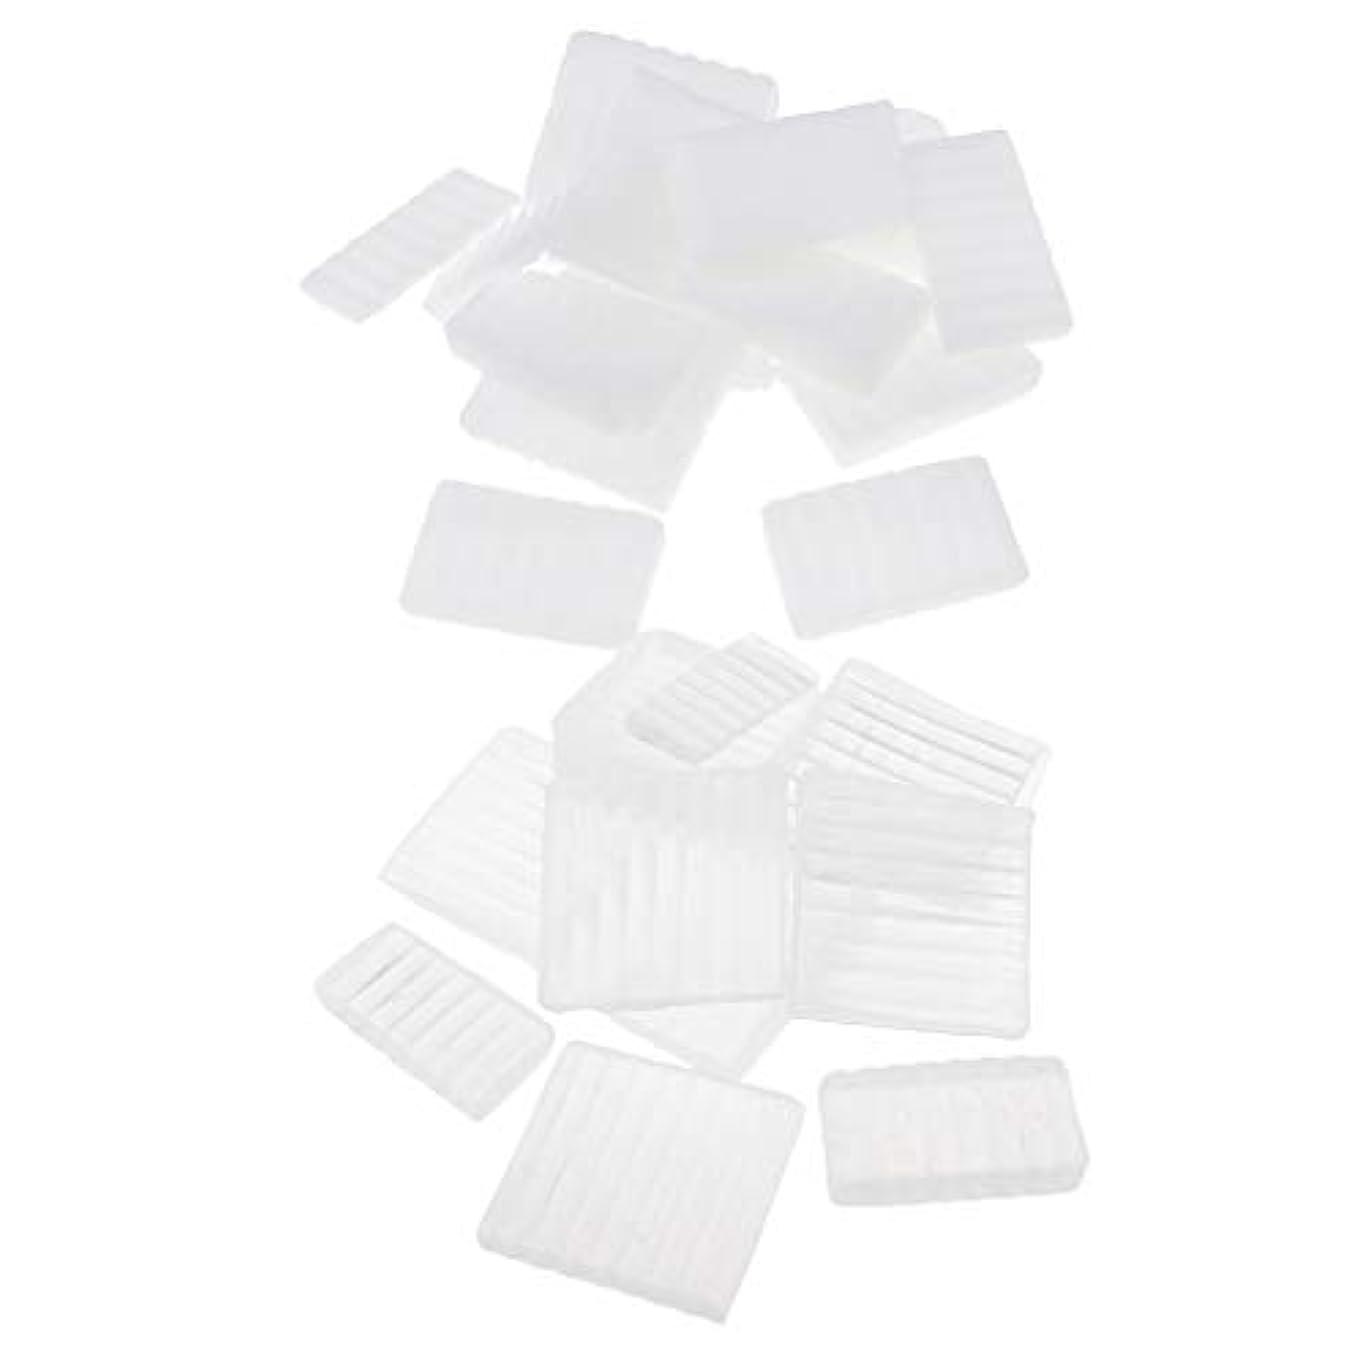 周波数乱雑な遷移dailymall 石鹸ベース ソープメイキング素材 ソープ グリセリンソープ ハンドメイド 石鹸材料